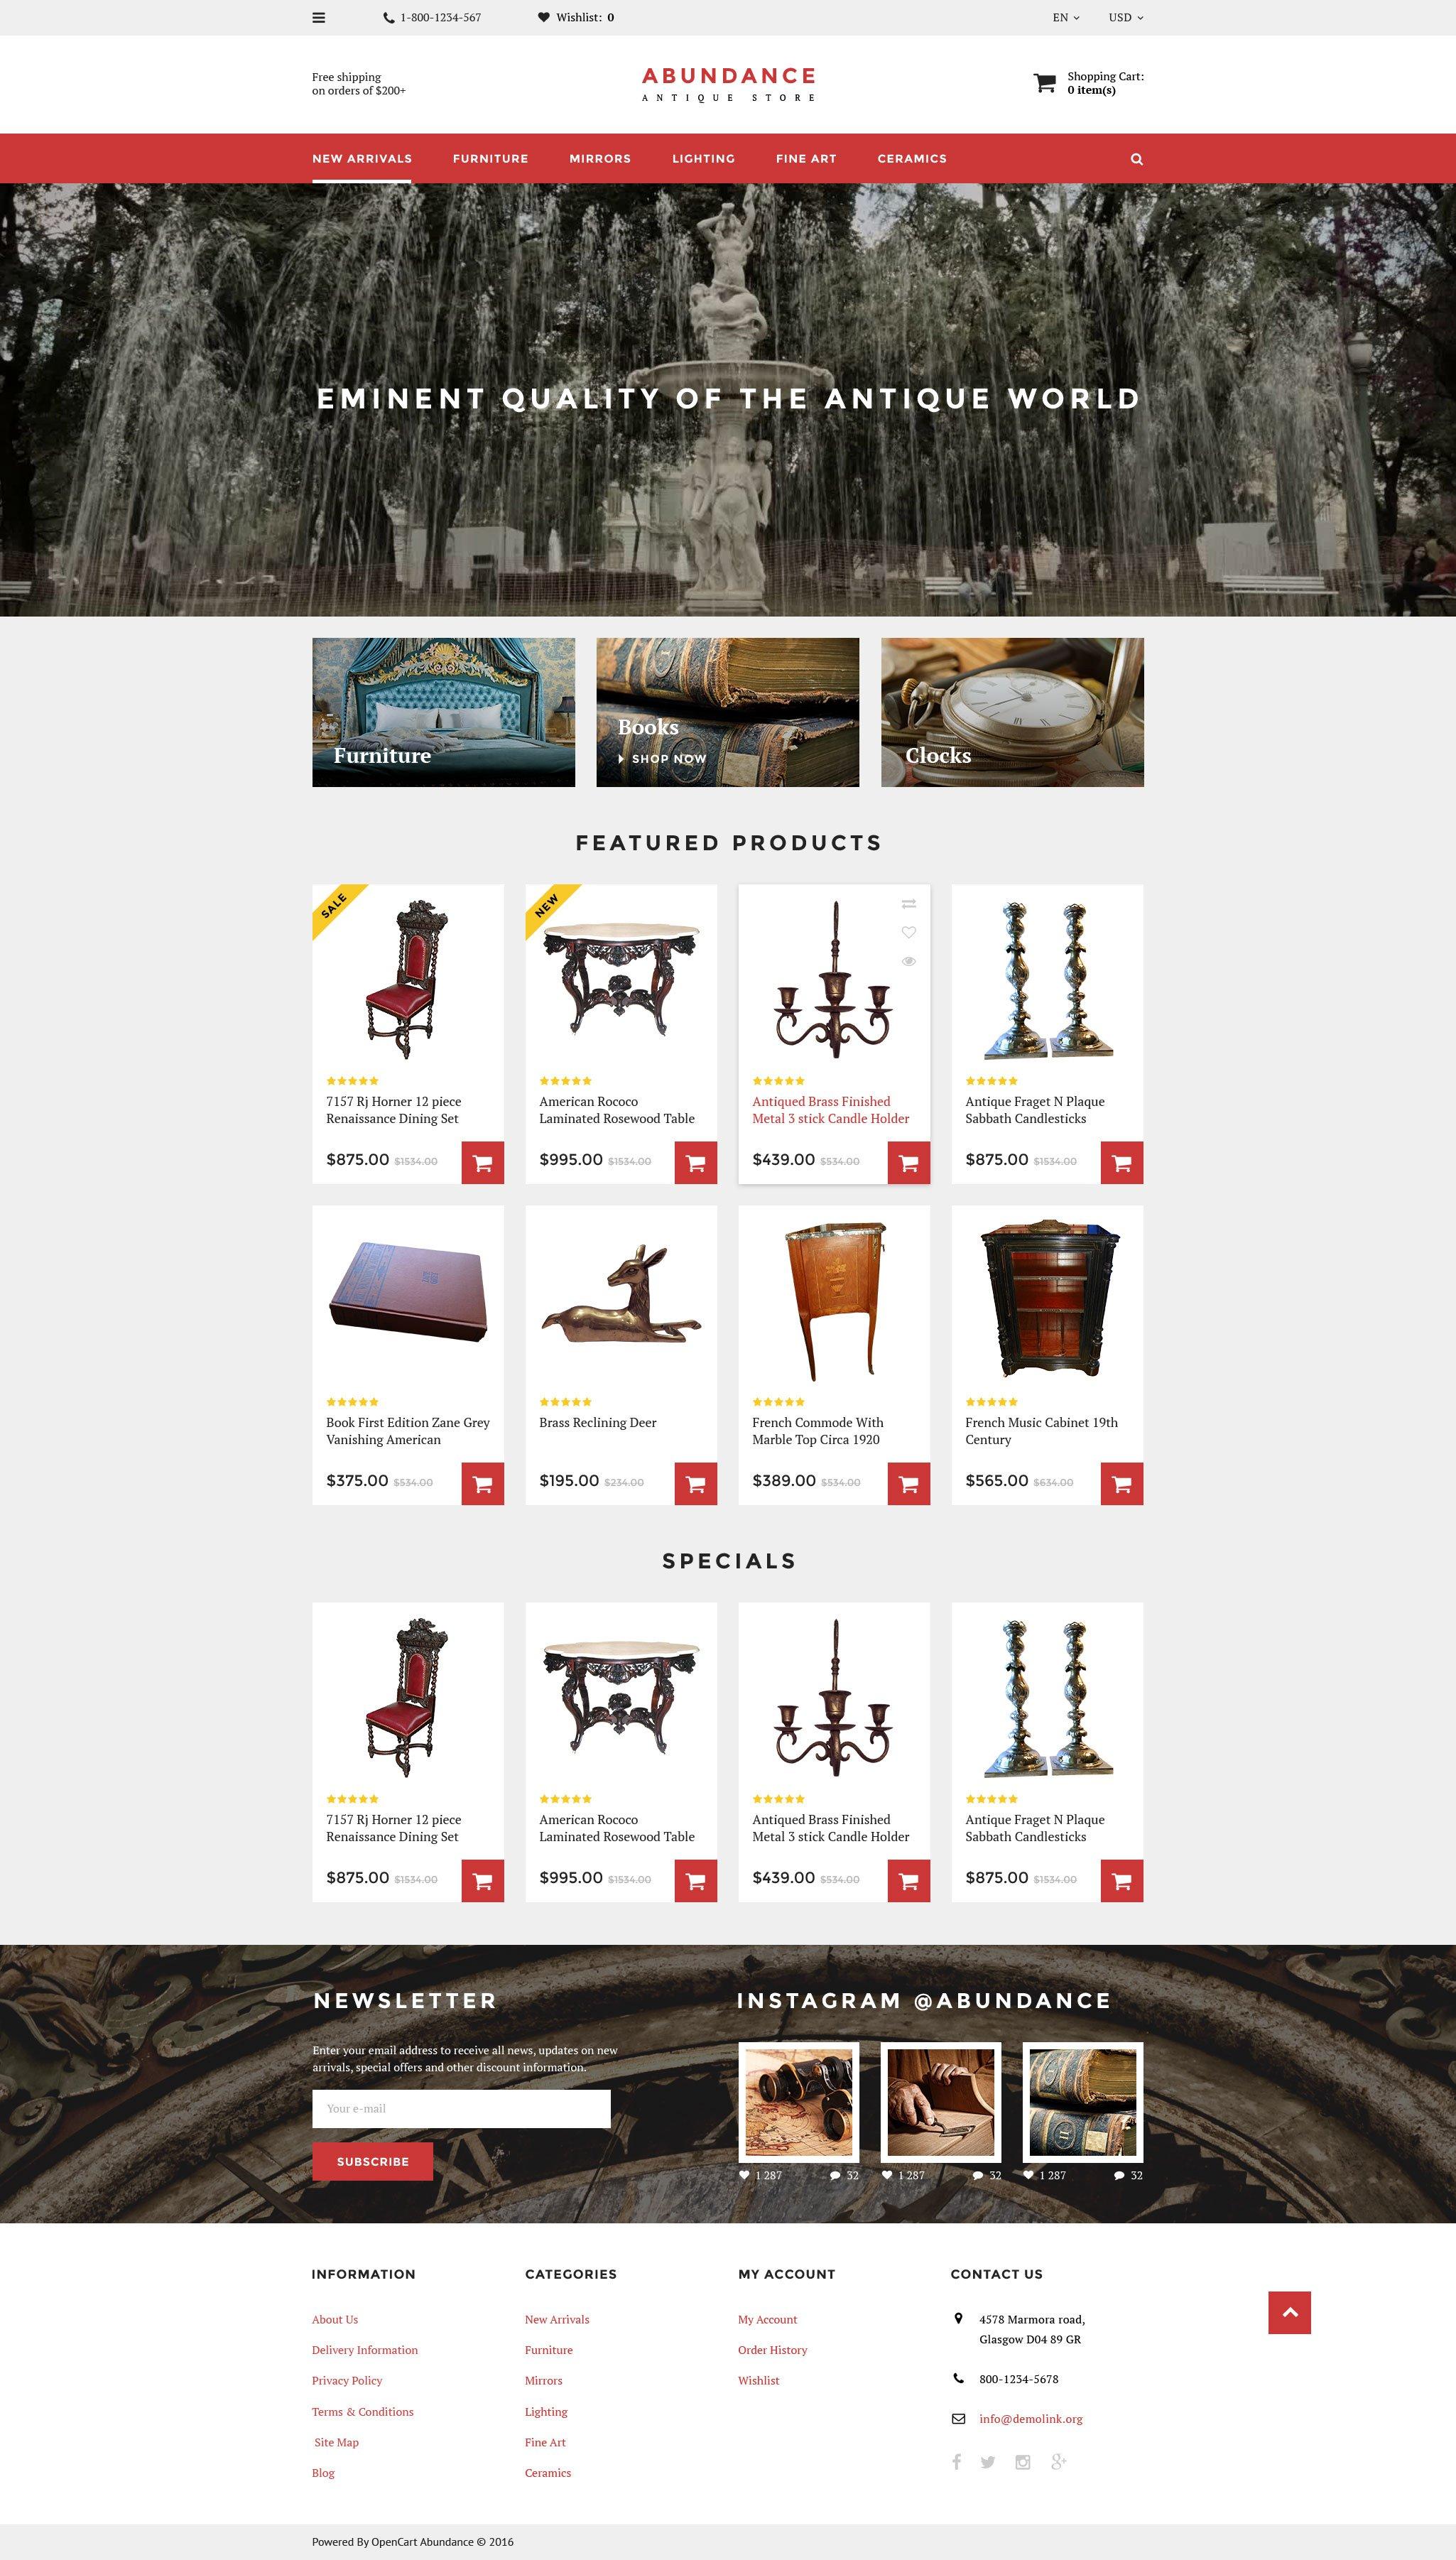 Abundance OpenCart Template - screenshot